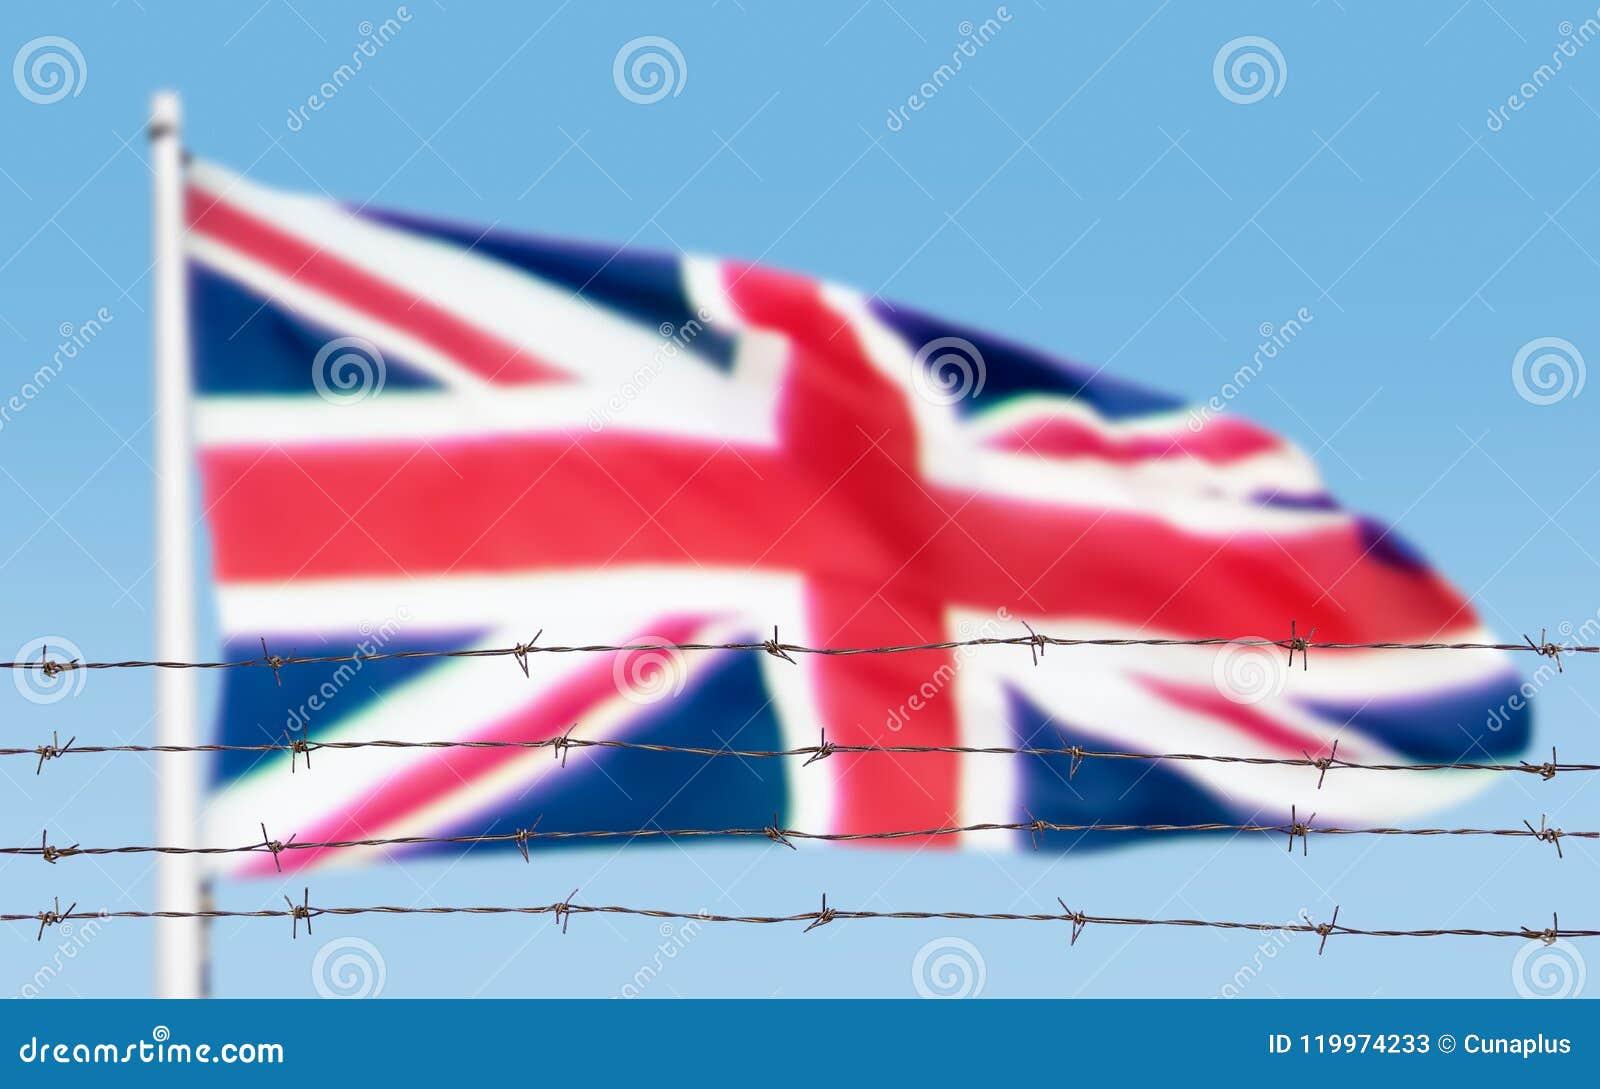 Flagge von Drähten